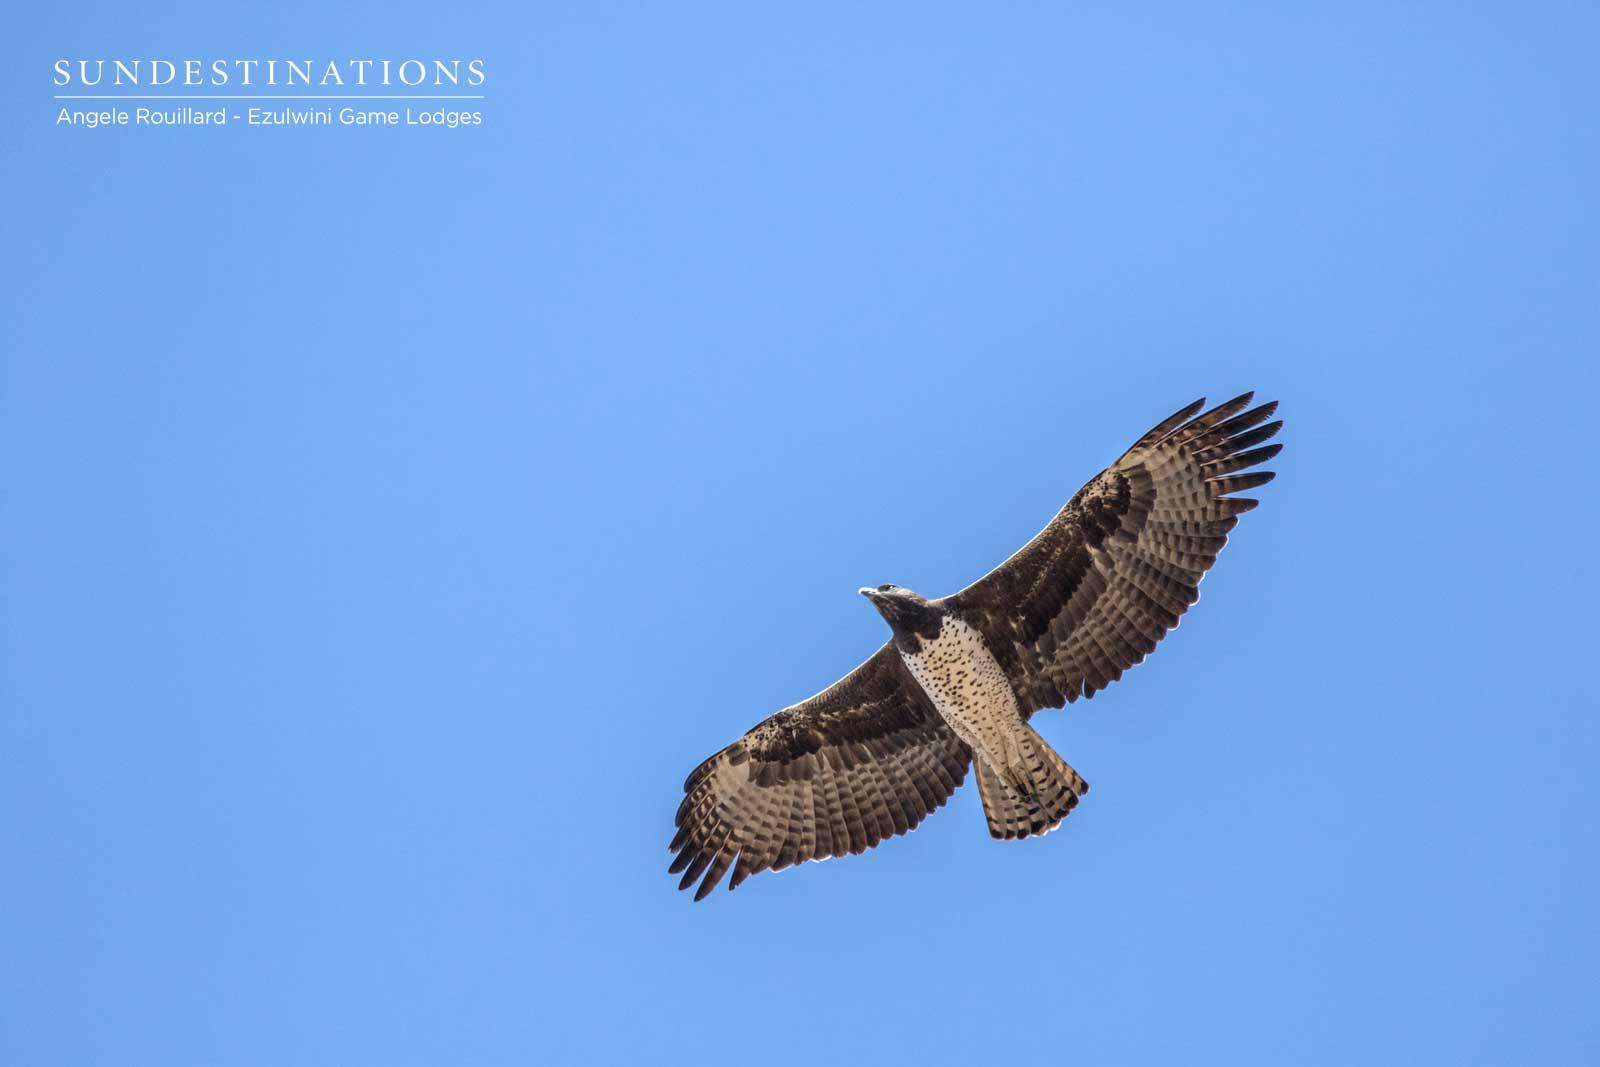 Ezulwini Martial Eagle